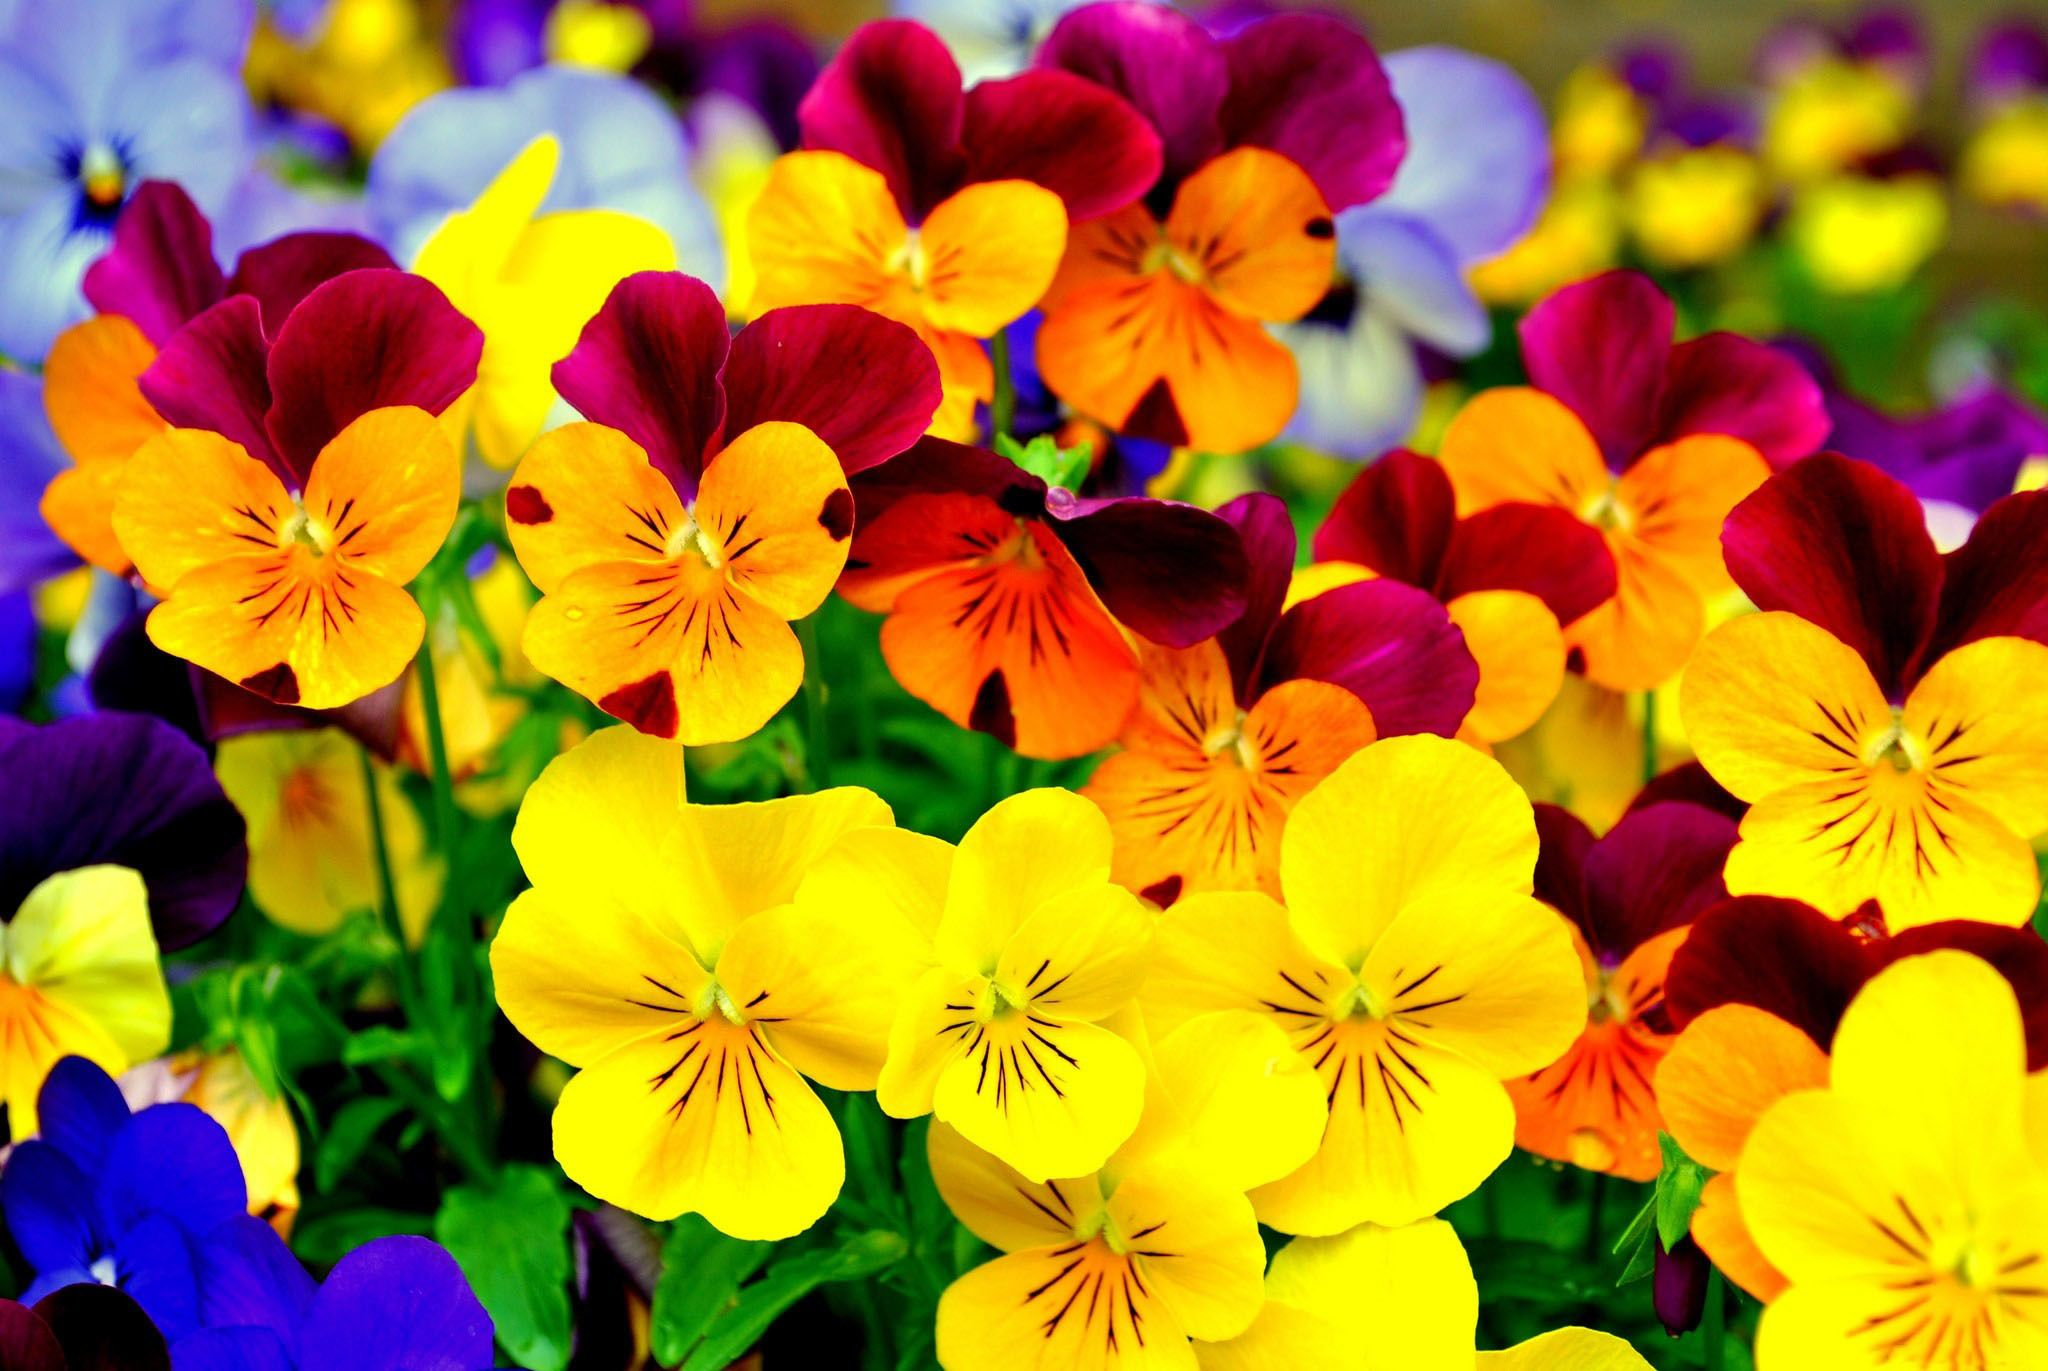 Hd Wallpaper Background Id 433553 Pansies Flowers Flower Wallpaper Pansies